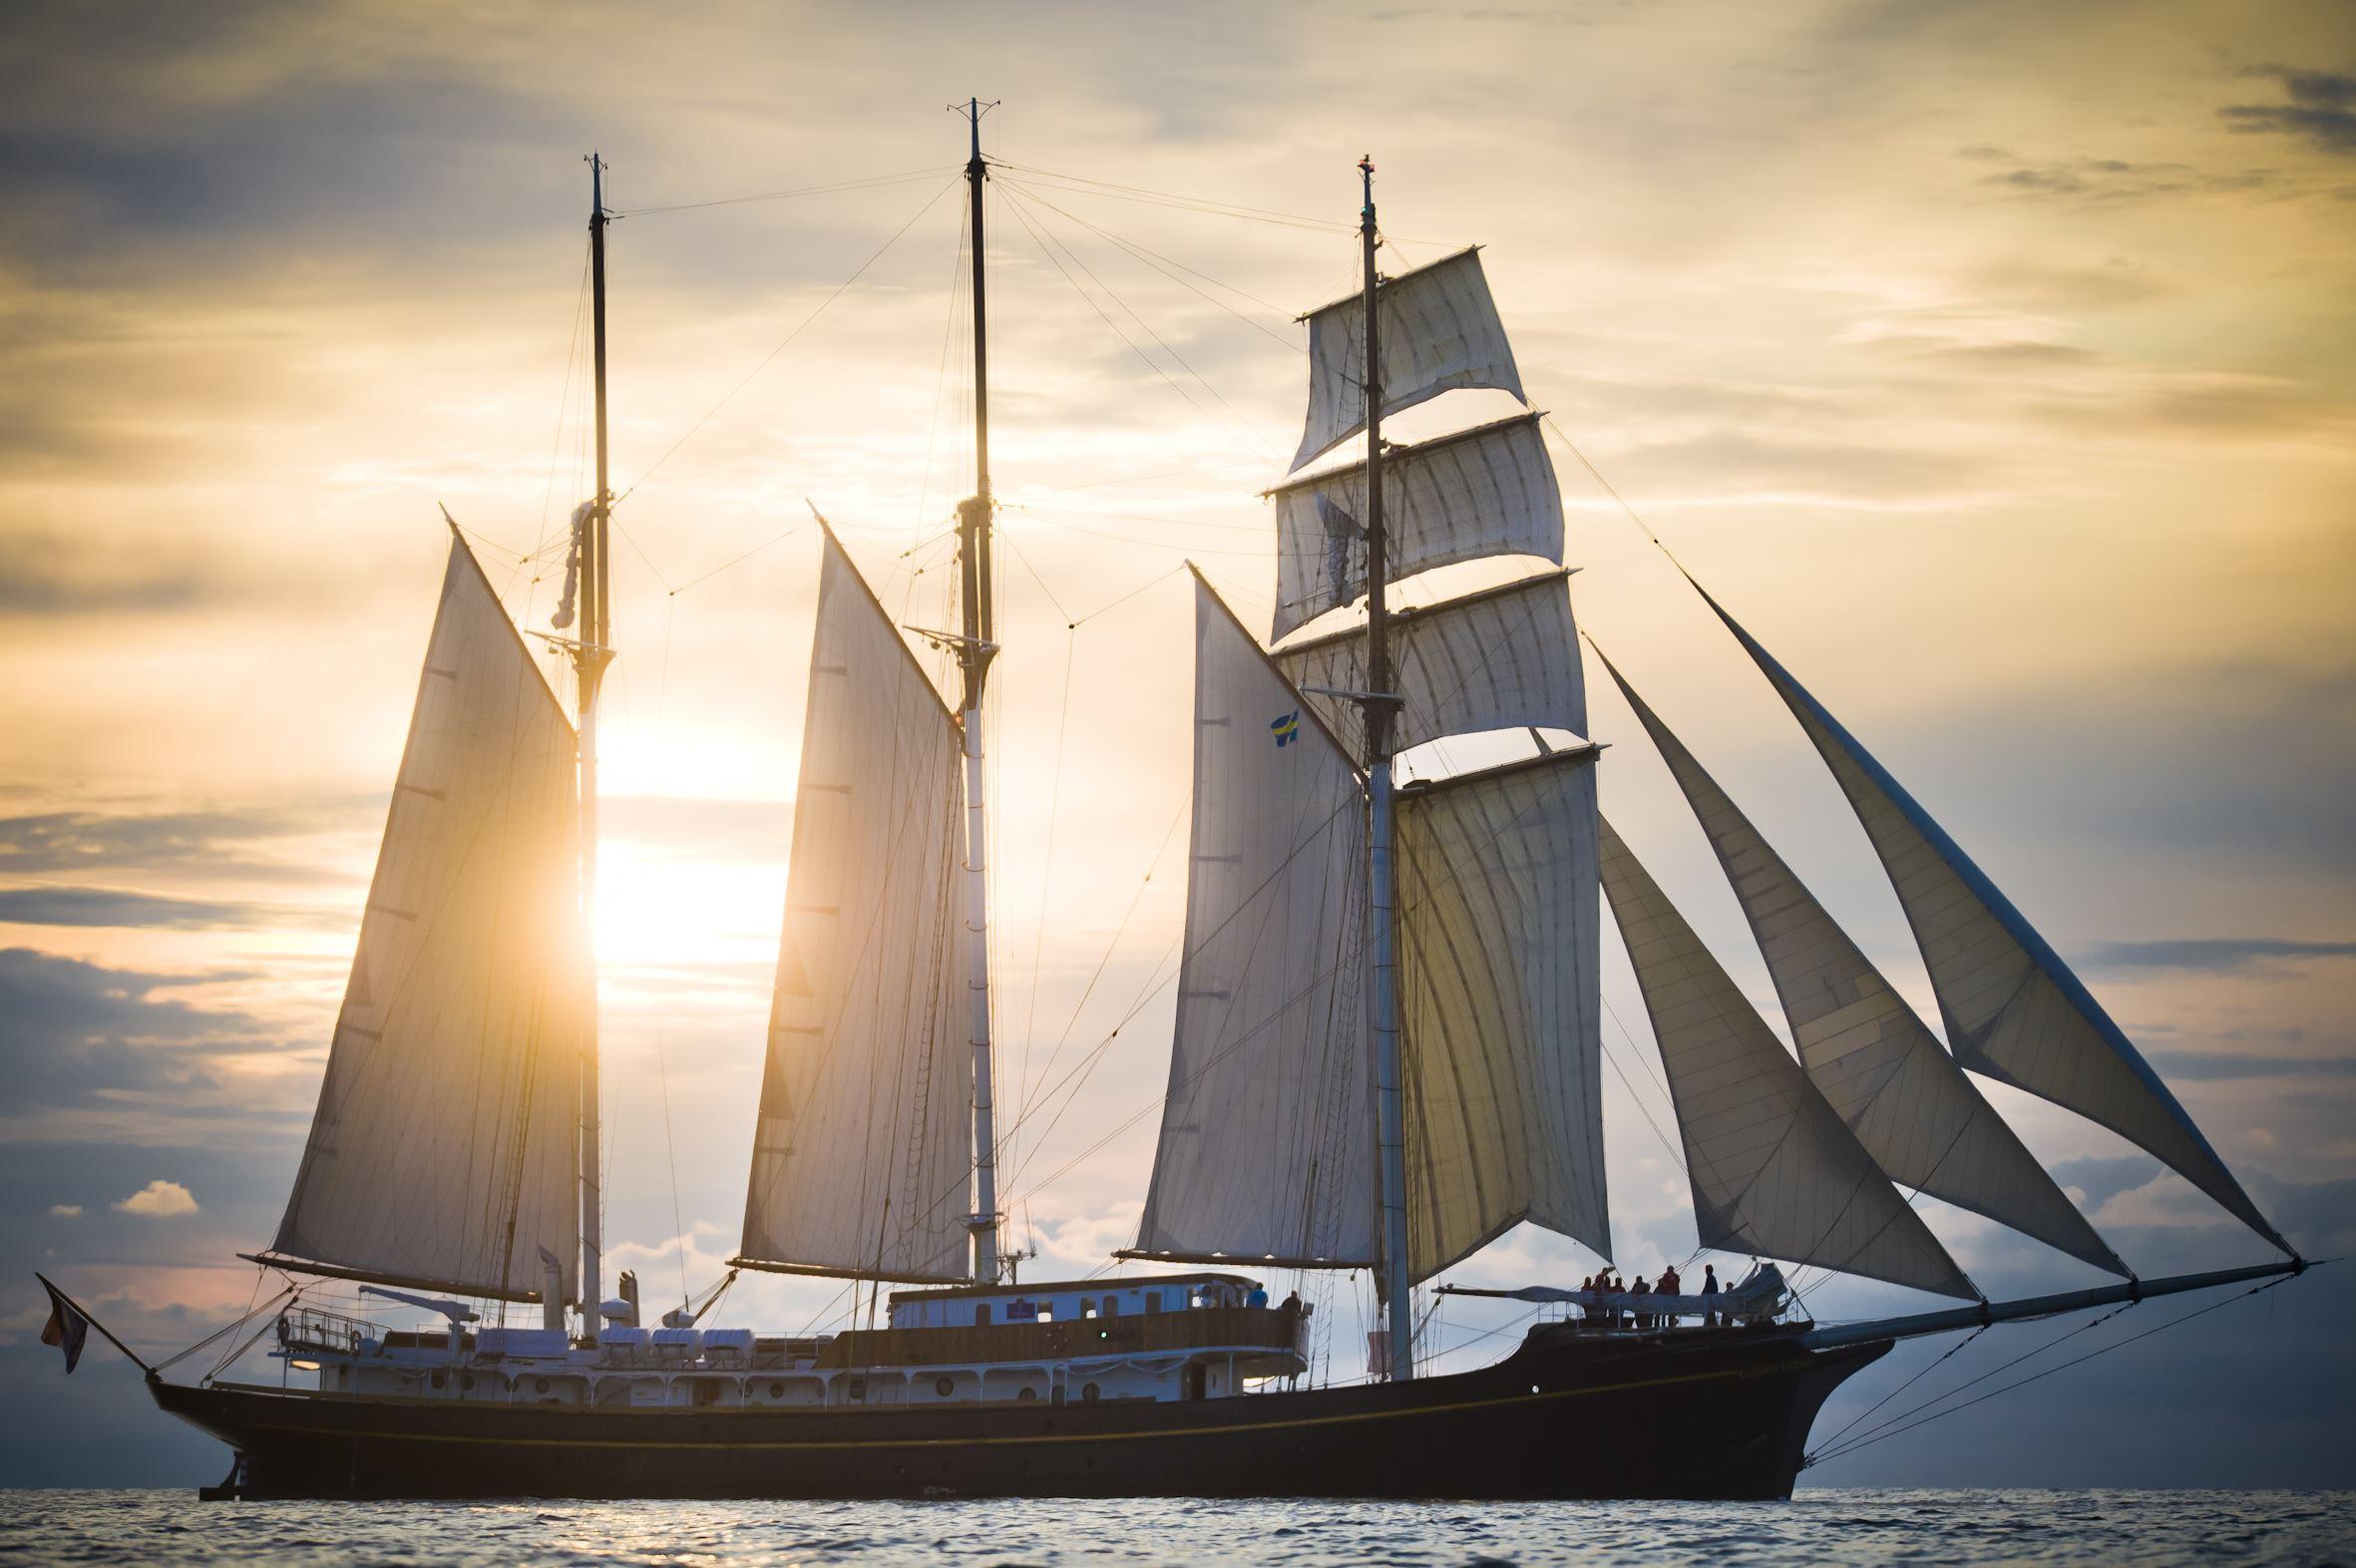 ! COMPLET ! Montée de Seine à bord du voilier Gulden Leeuw 6 juin 2019 ! COMPLET !